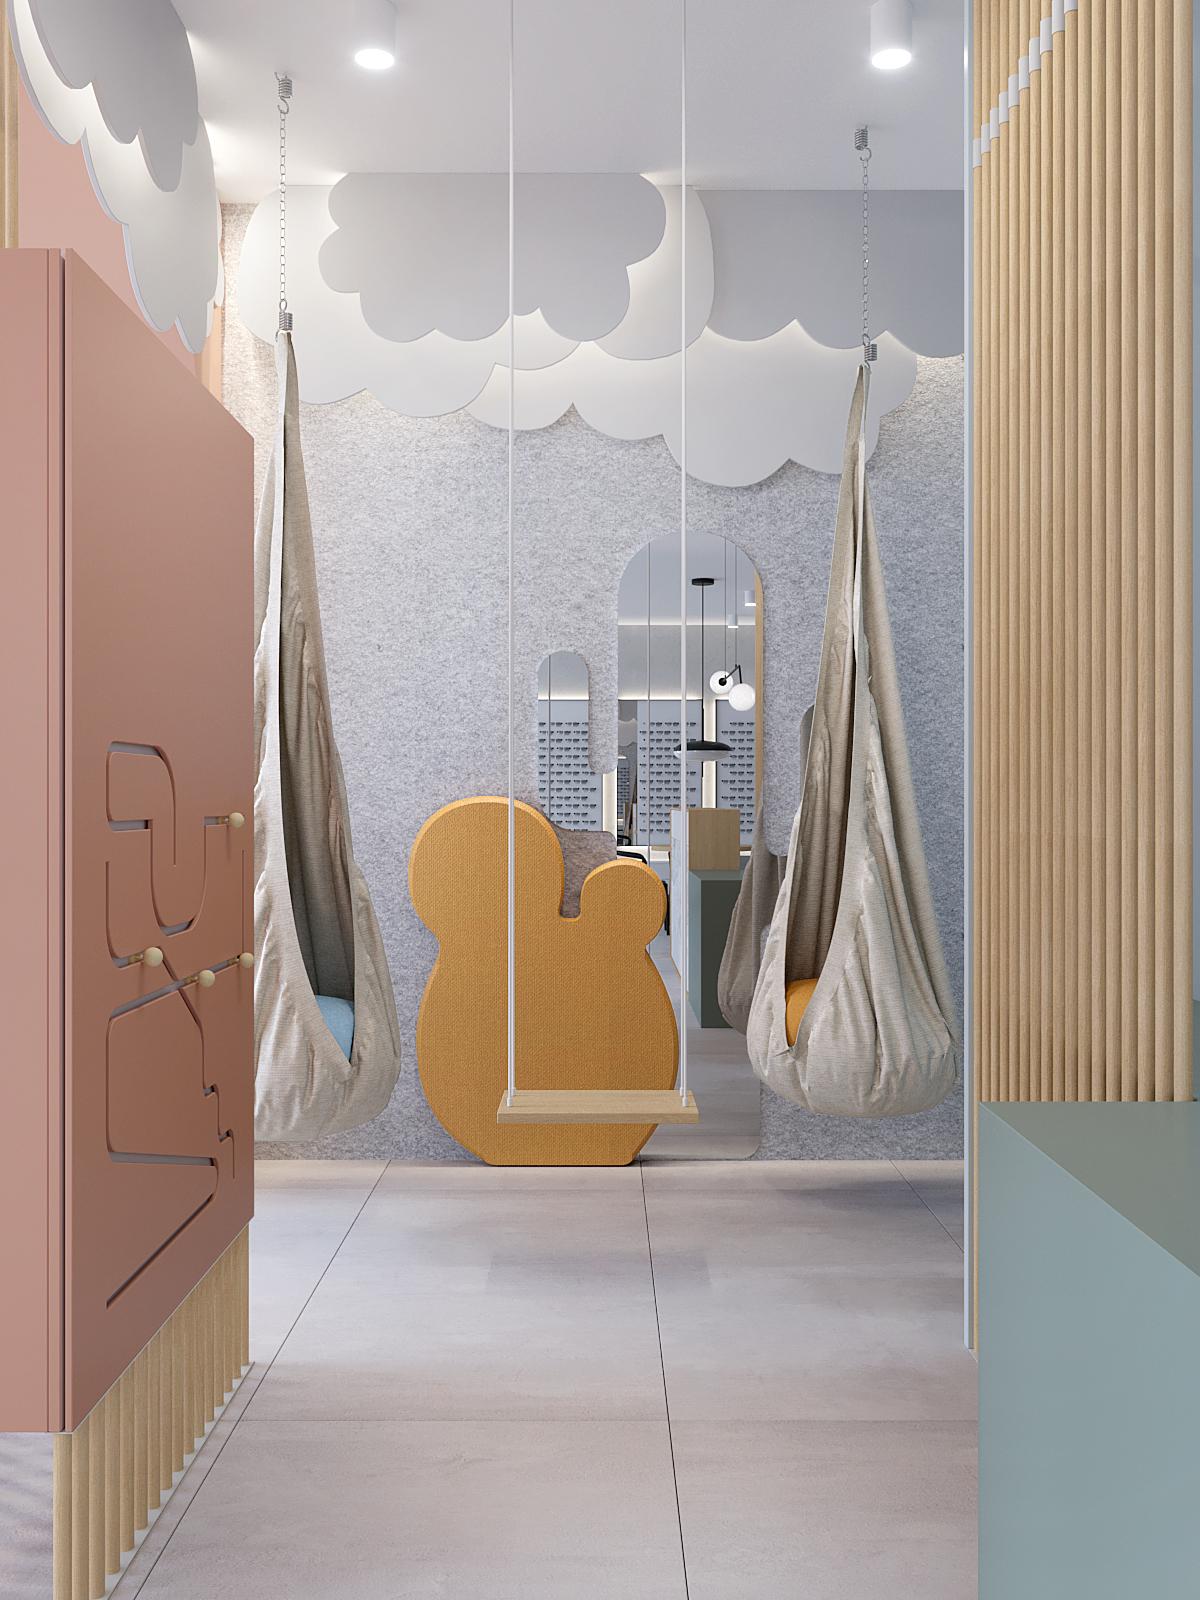 6 architekt wnetrz K099 optyk Strozik Bytom kacik dla dzieci dekoracyjne chmury na scianie hustwki materialowe rozowy akcent pionowe drewniane azury